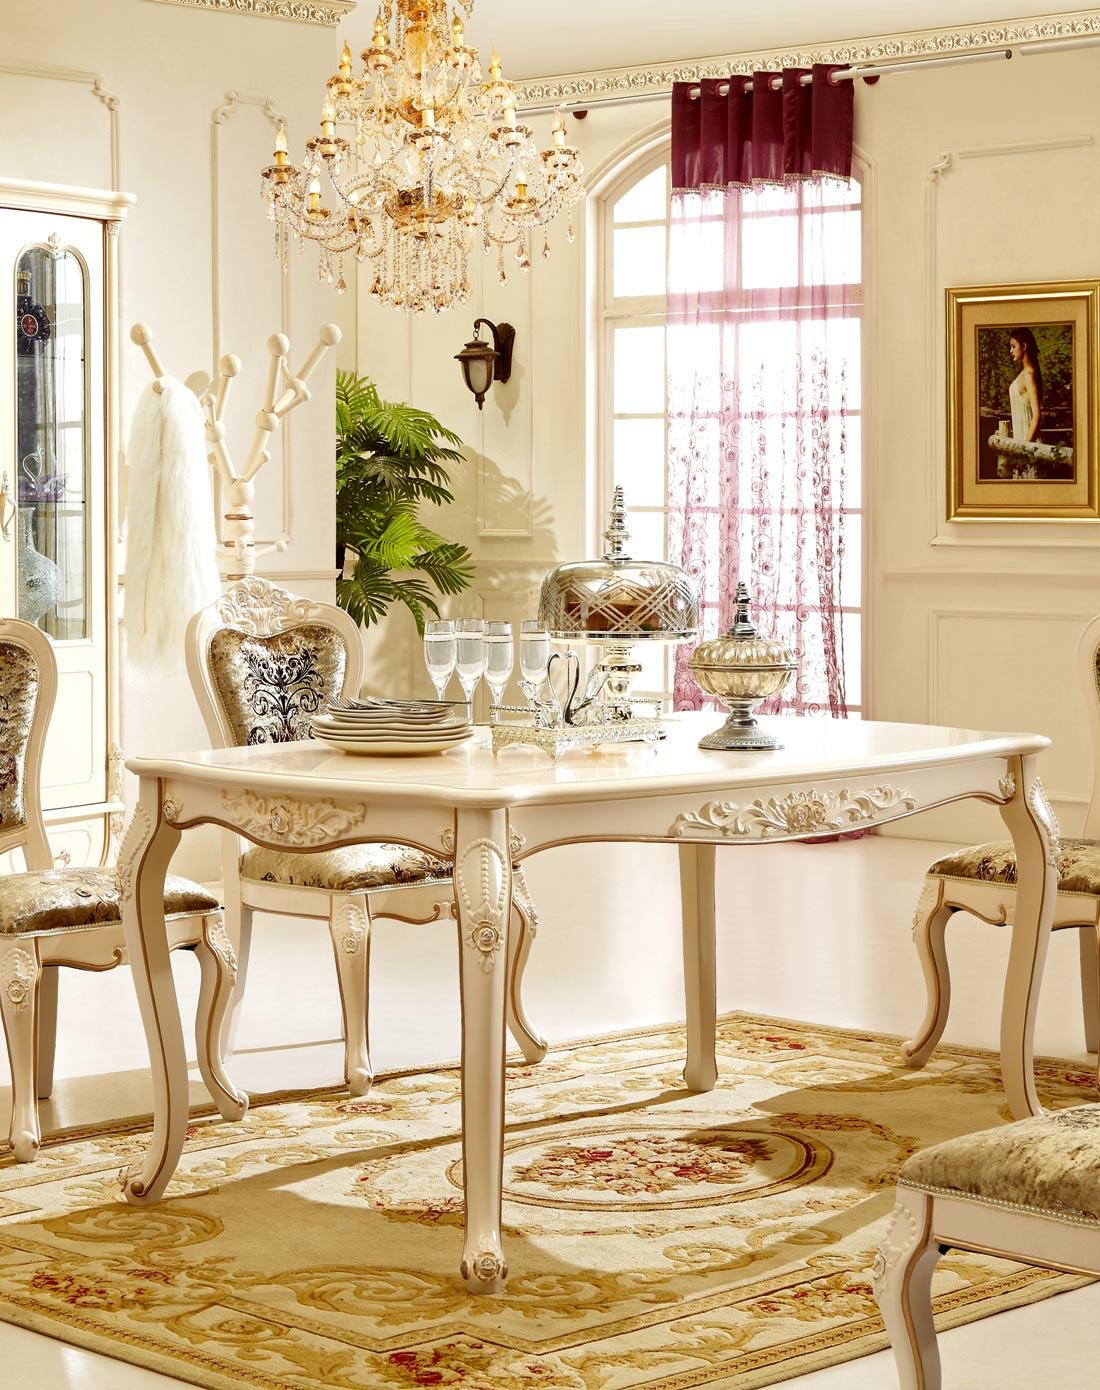 欧式奢华餐桌 田园实木餐台饭桌+大理石